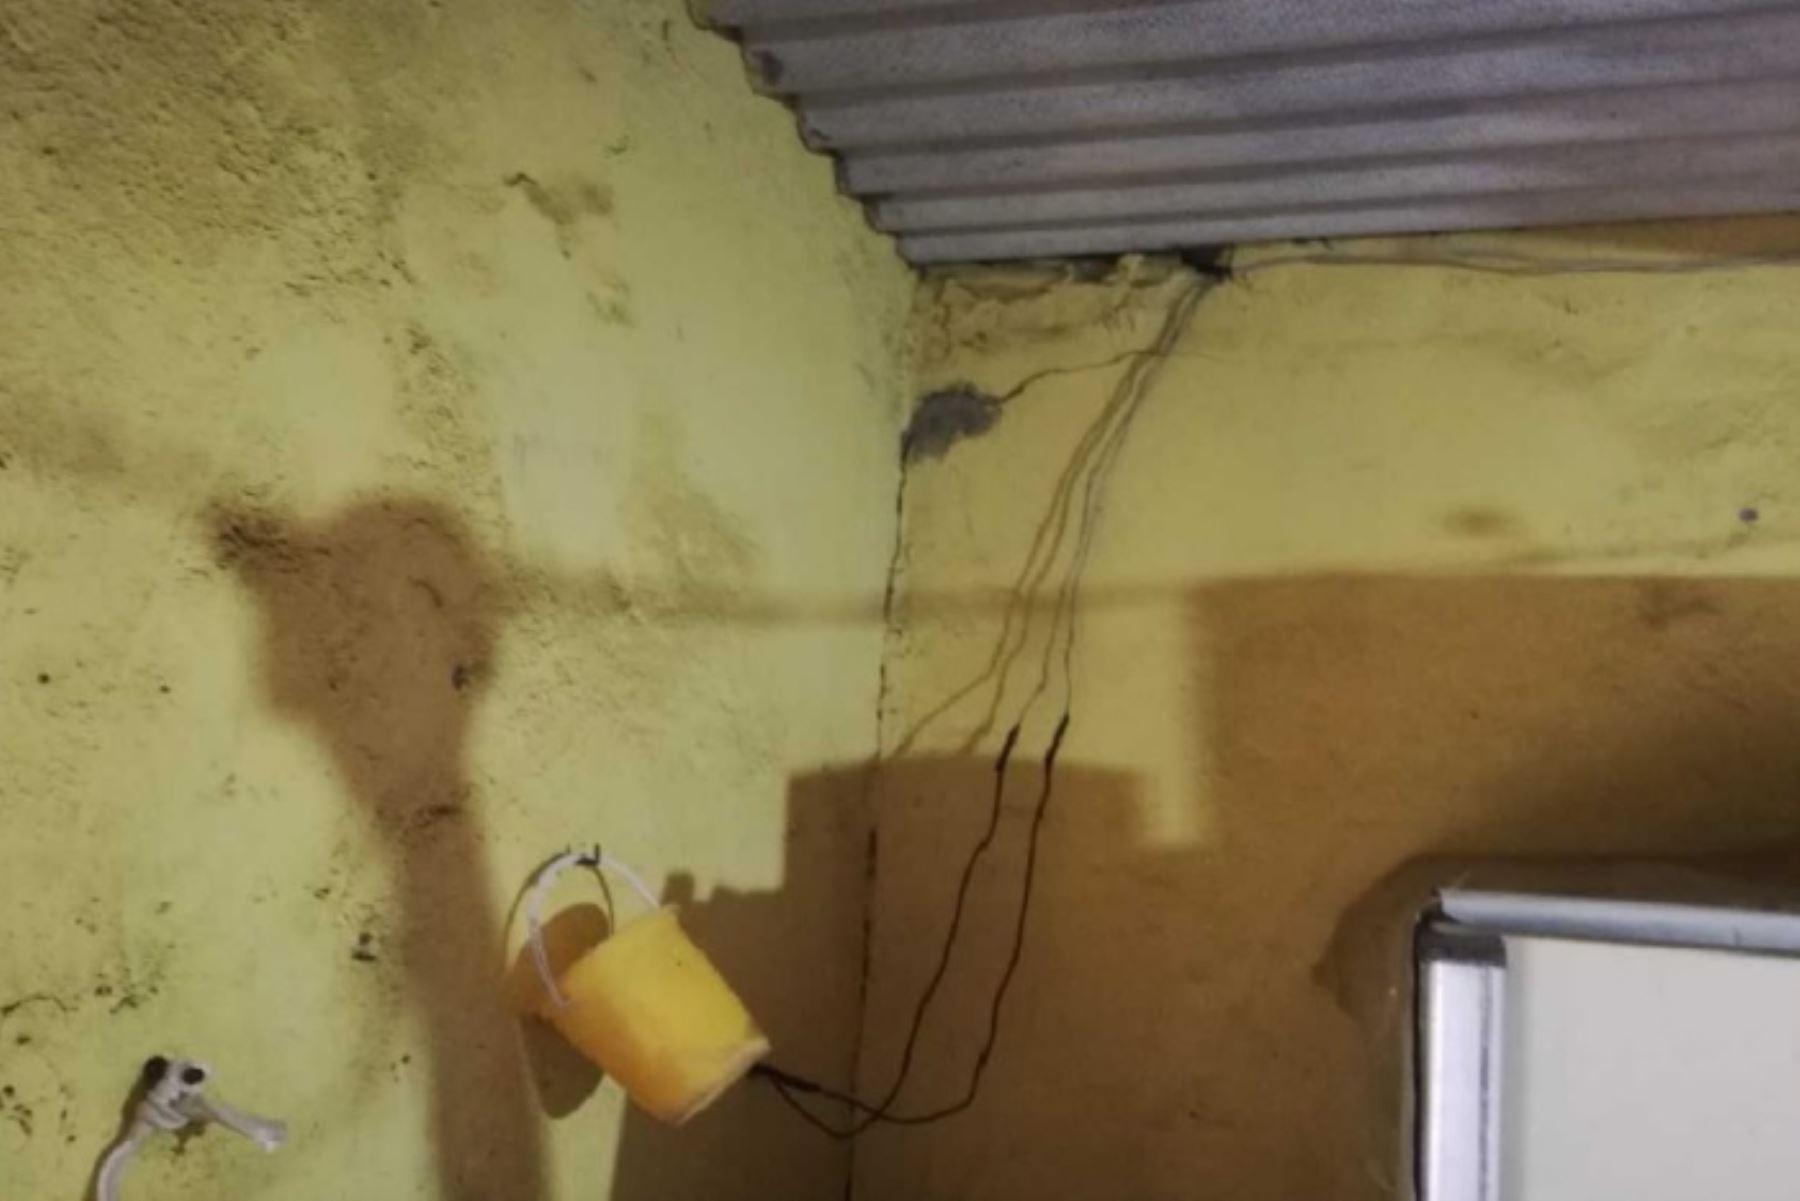 Cámaras de seguridad instaladas en distintos puntos de la ciudad de Chimbote captaron el preciso momento de la ocurrencia del sismo de magnitud 5,7 que sacudió esta madrugada la región Áncash y tuvo como epicentro la ciudad de Casma.